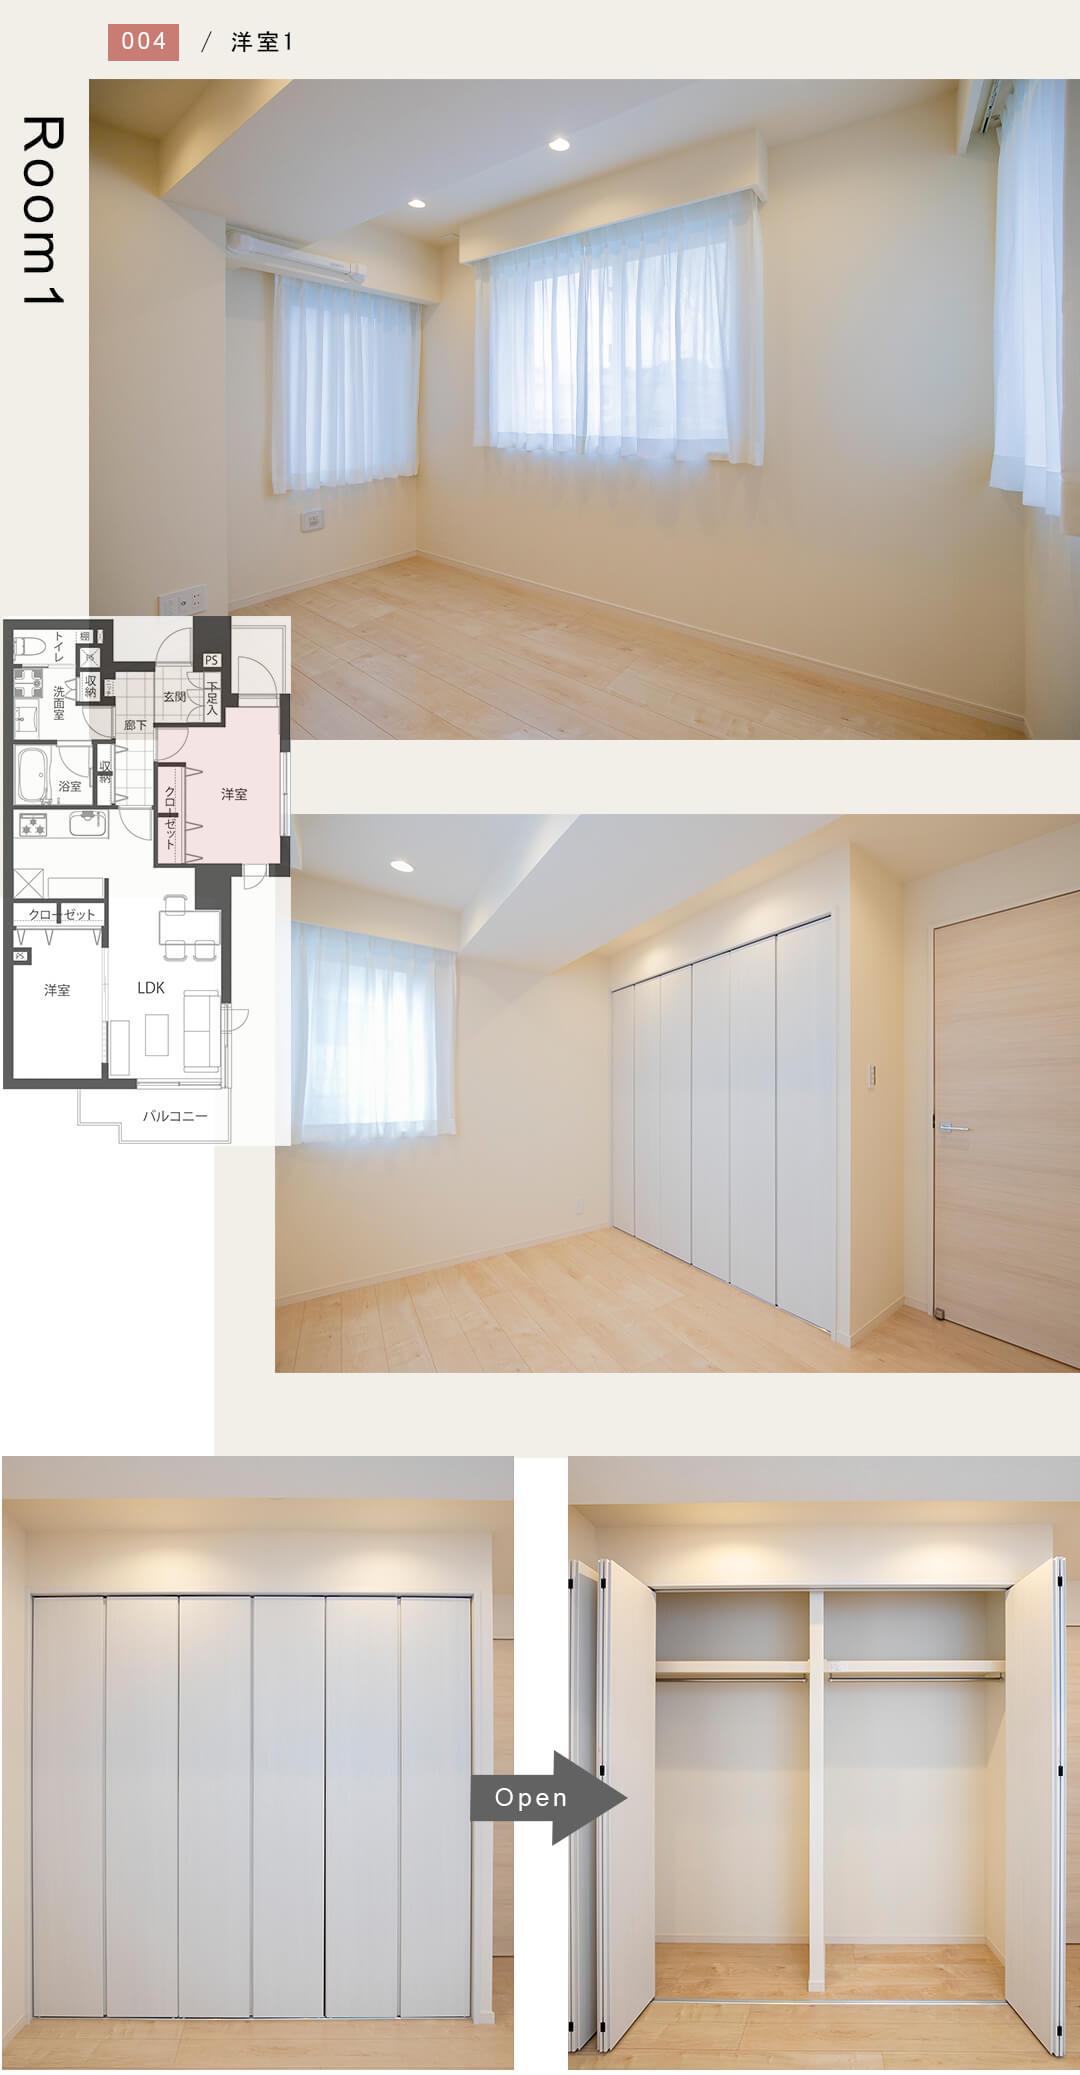 グランスイースト世田谷桜丘の洋室